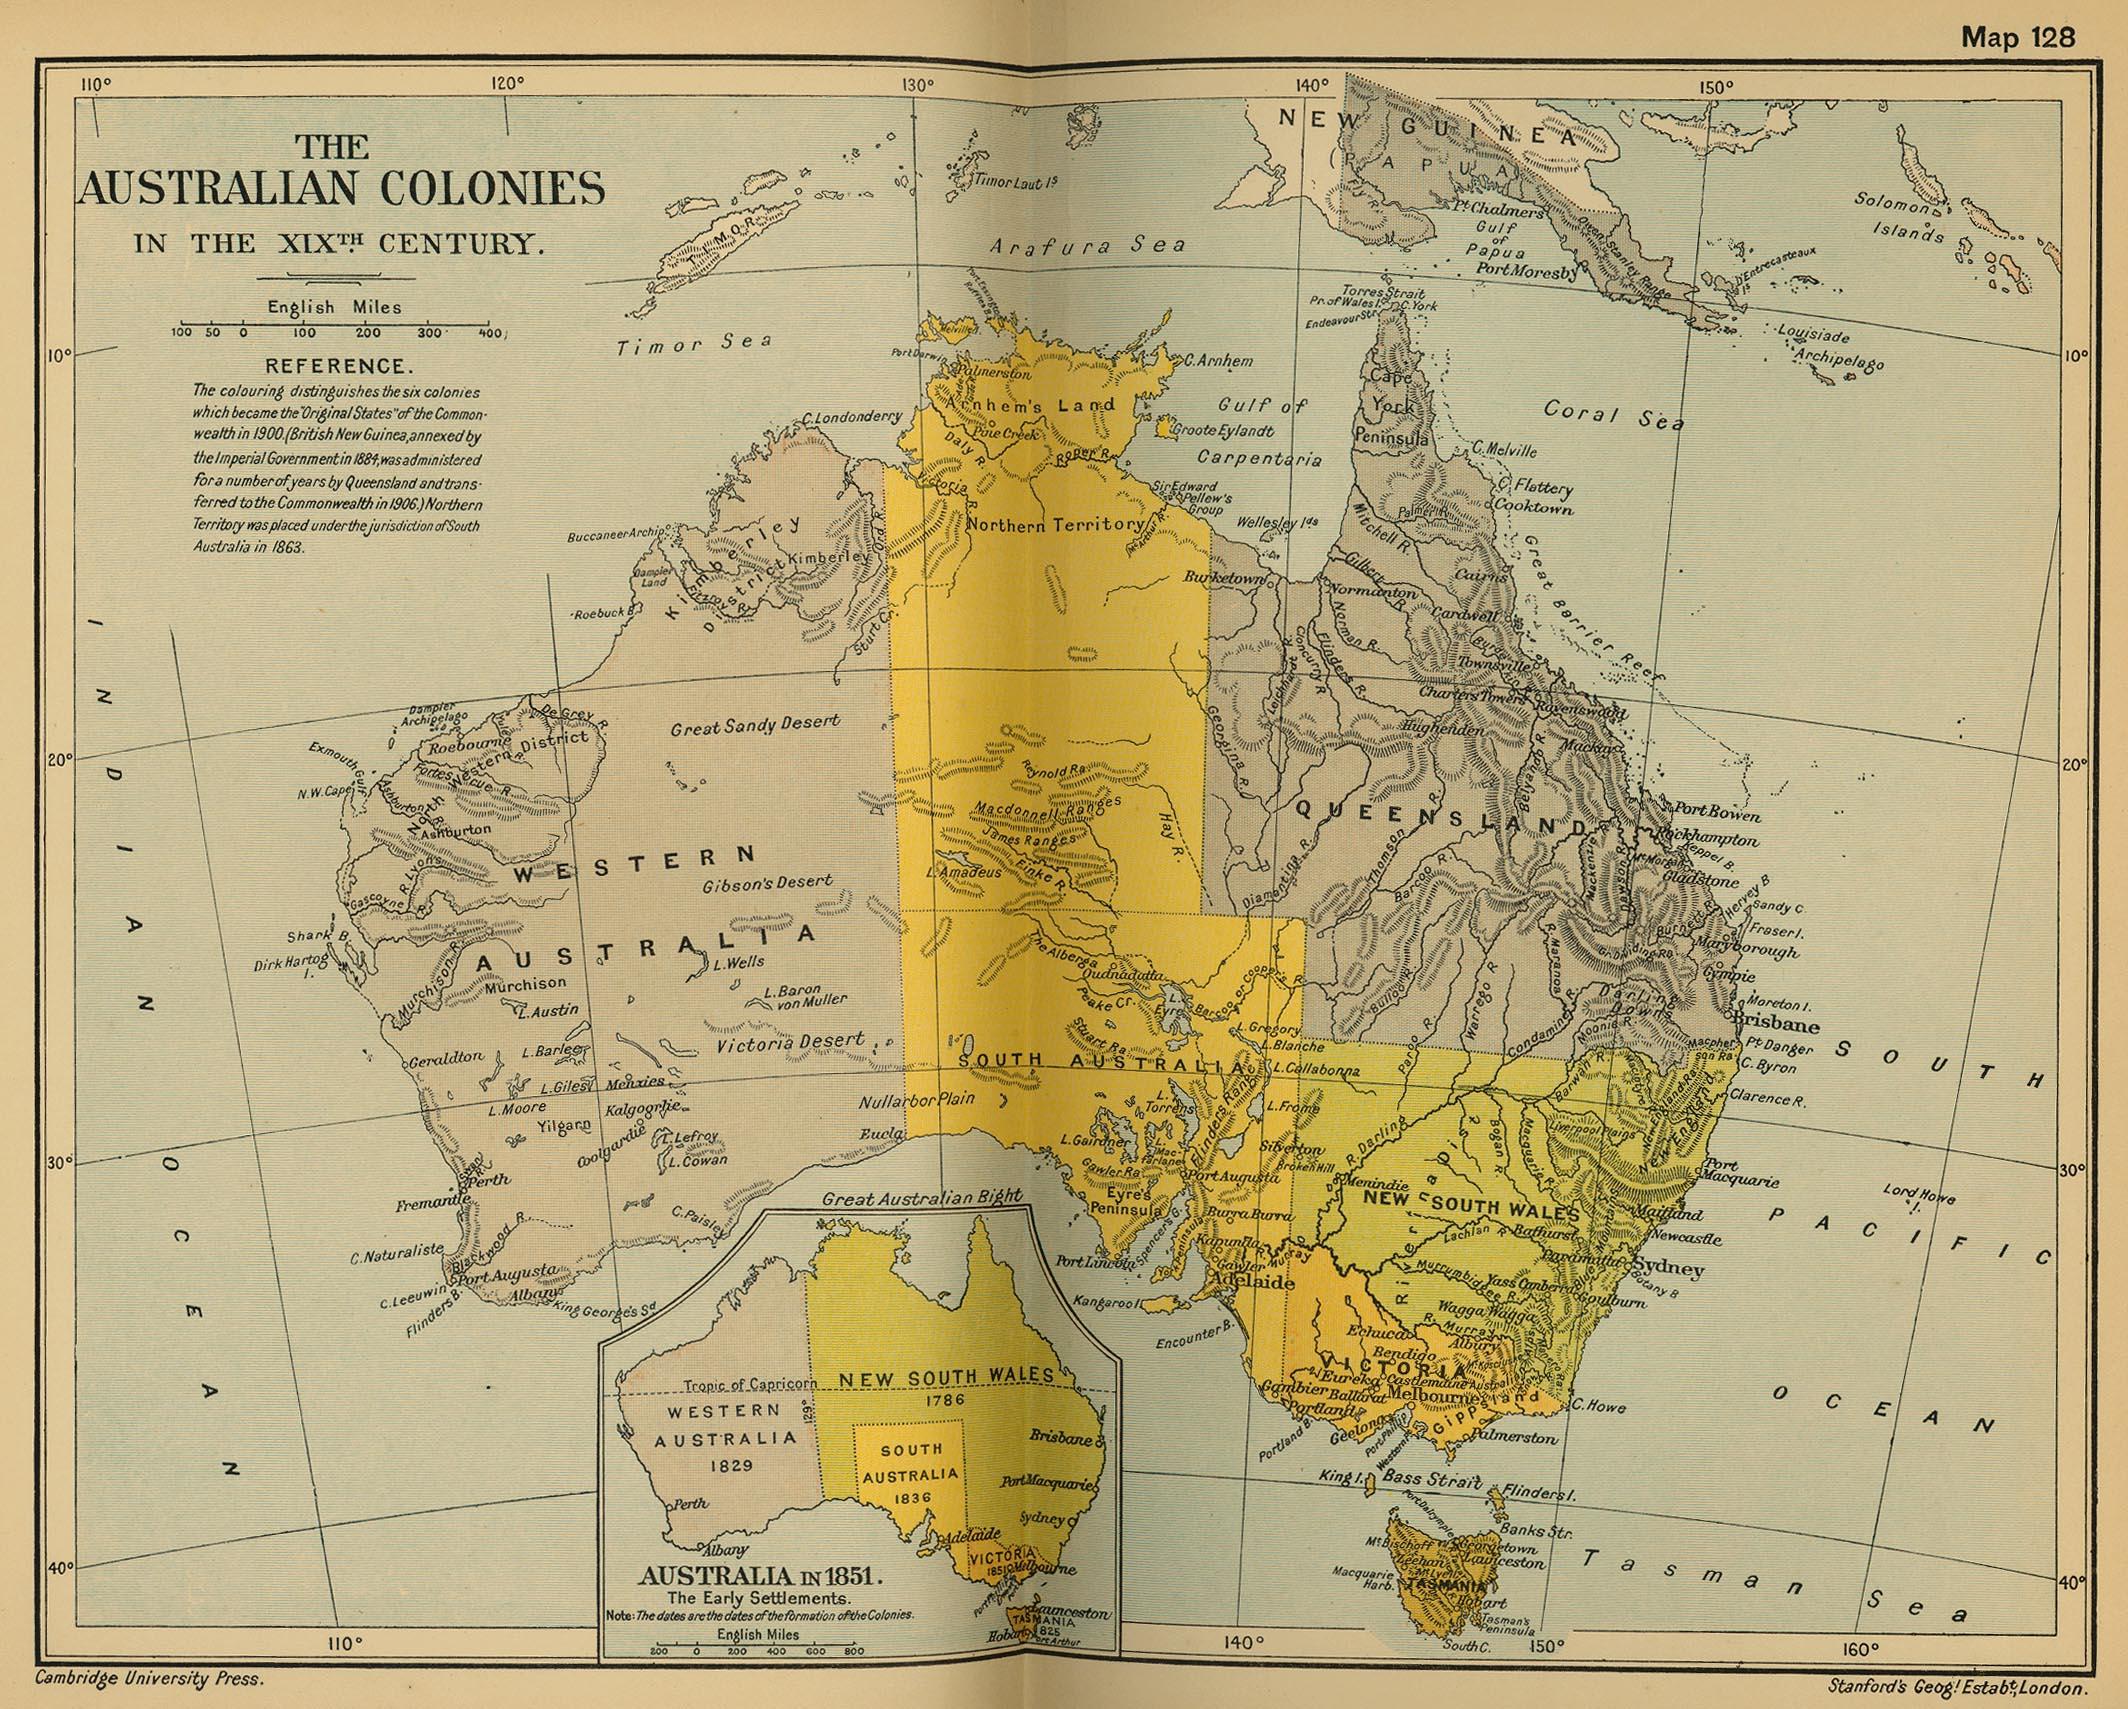 Colonias australianas en el siglo XIX